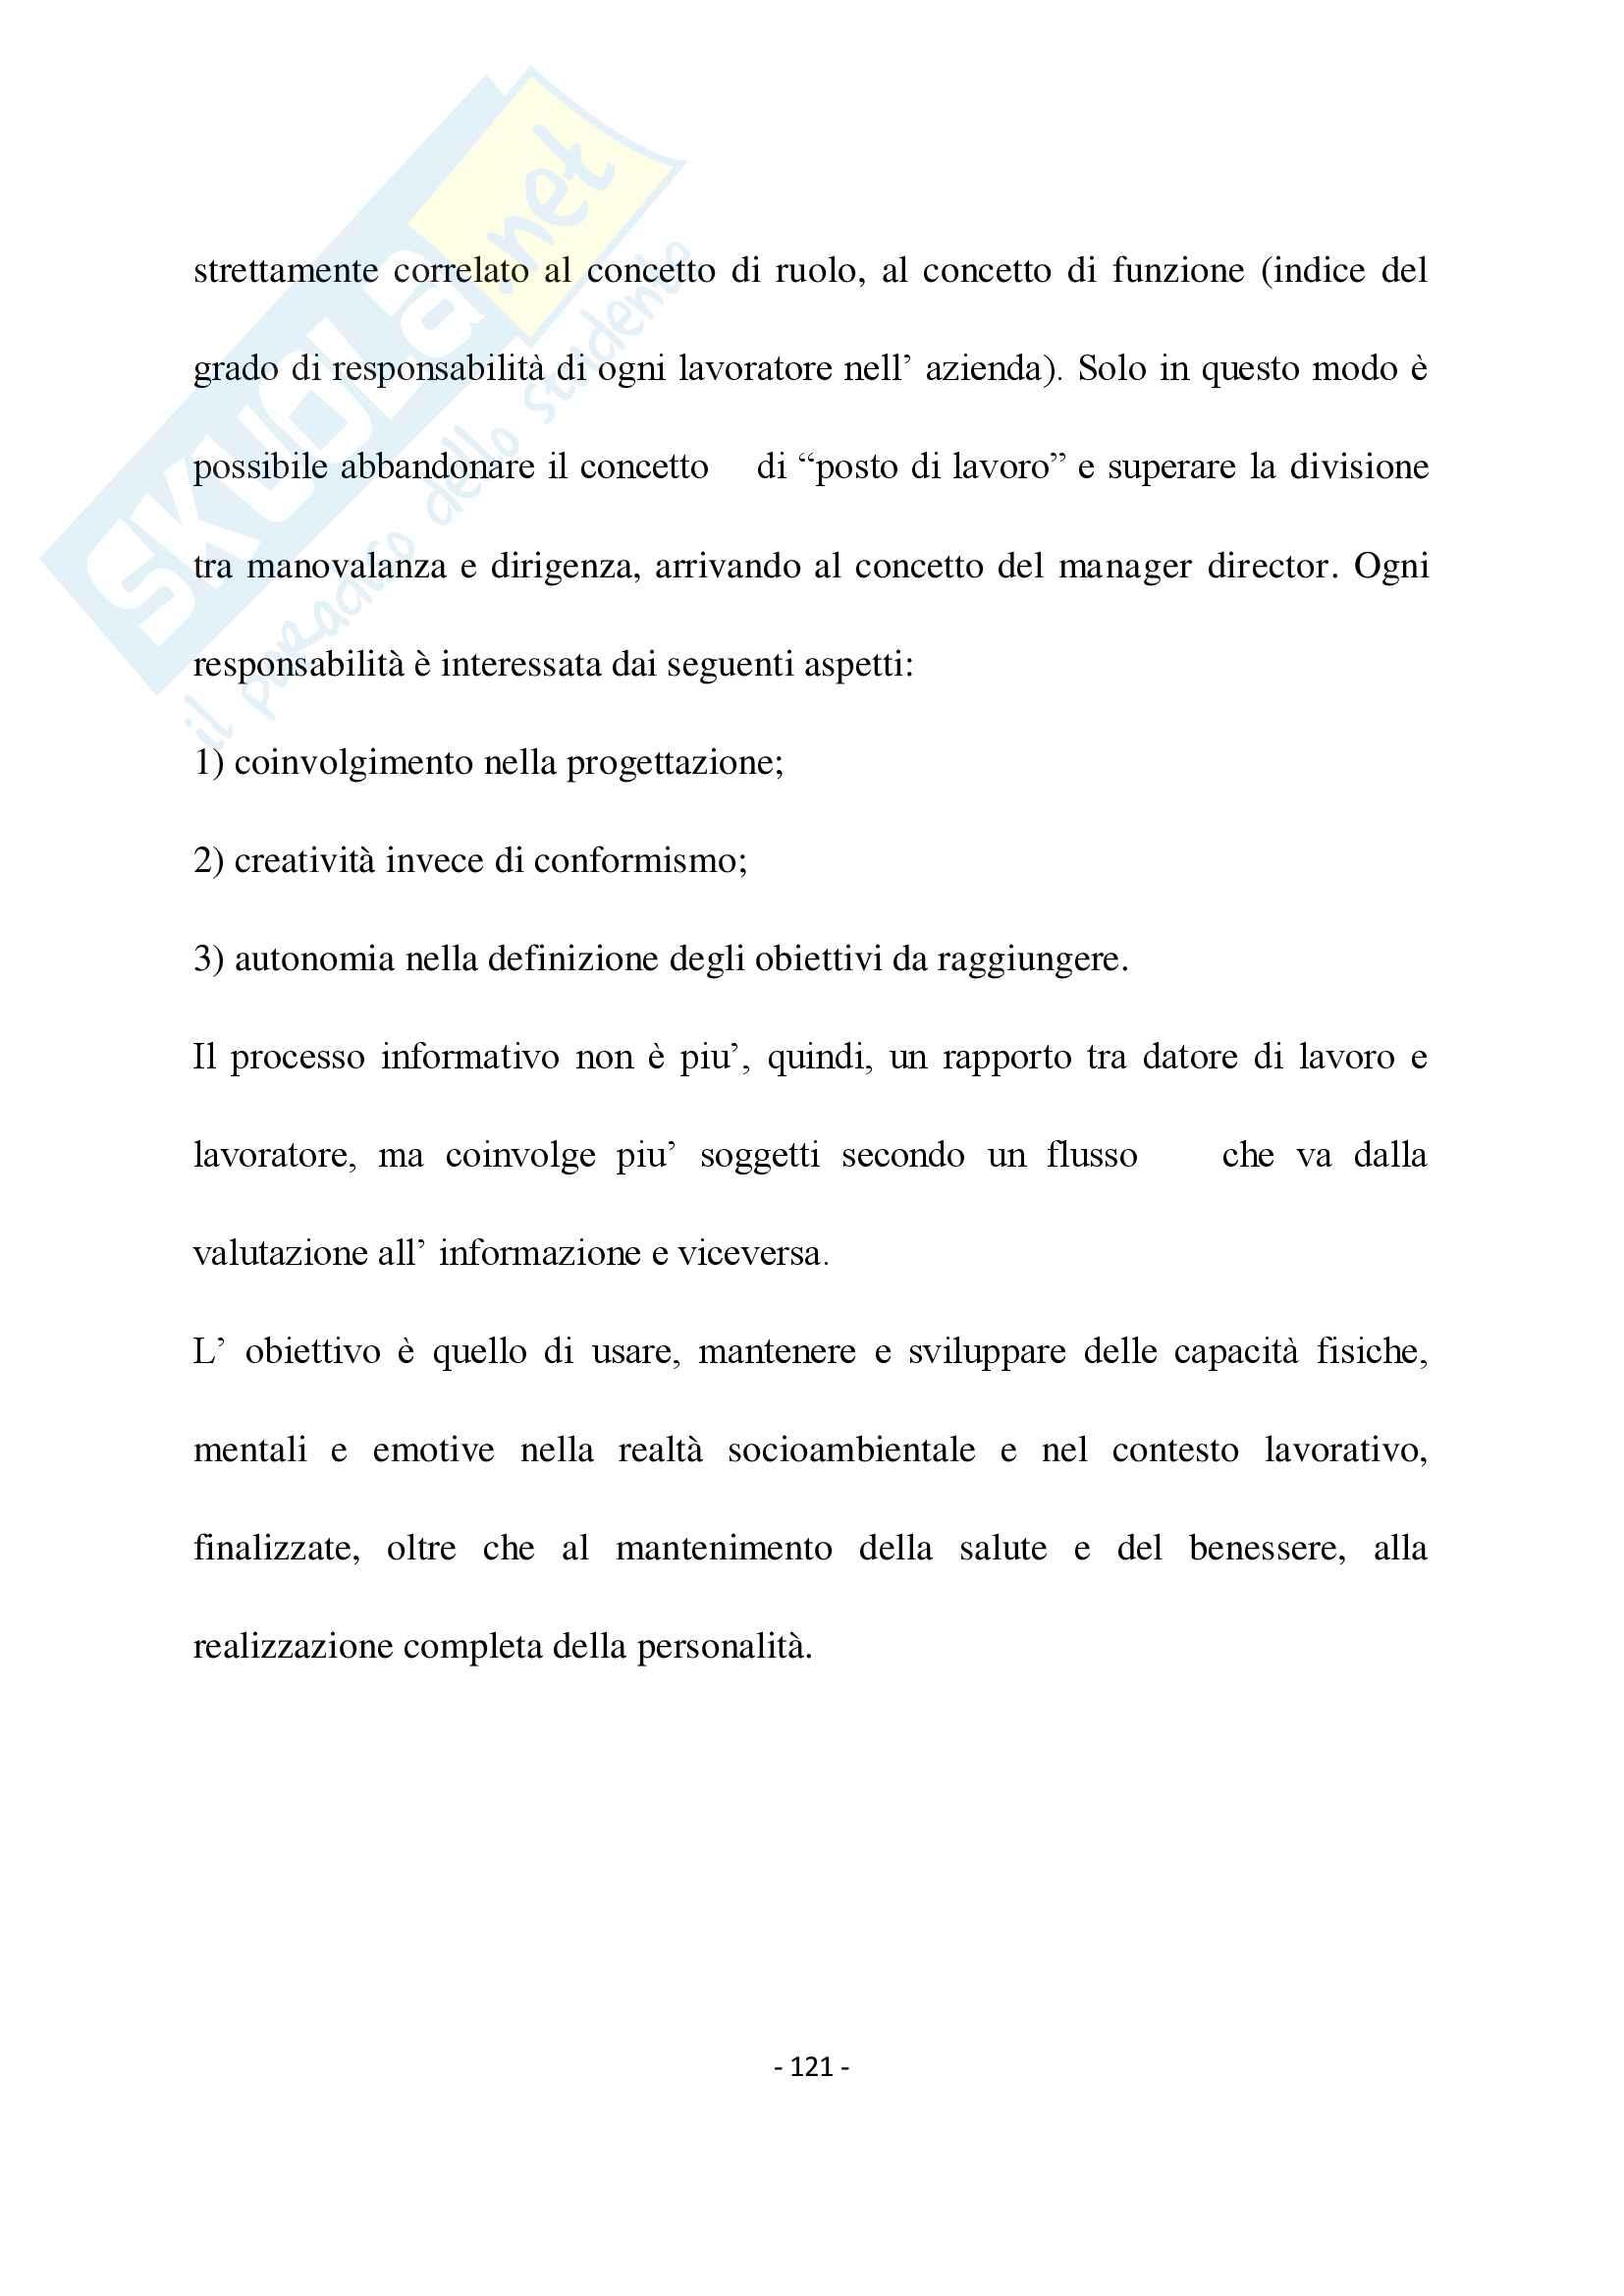 """""""Valutazione del rischio lavorativo e considerazioni medico sociali e preventive"""" Pag. 121"""